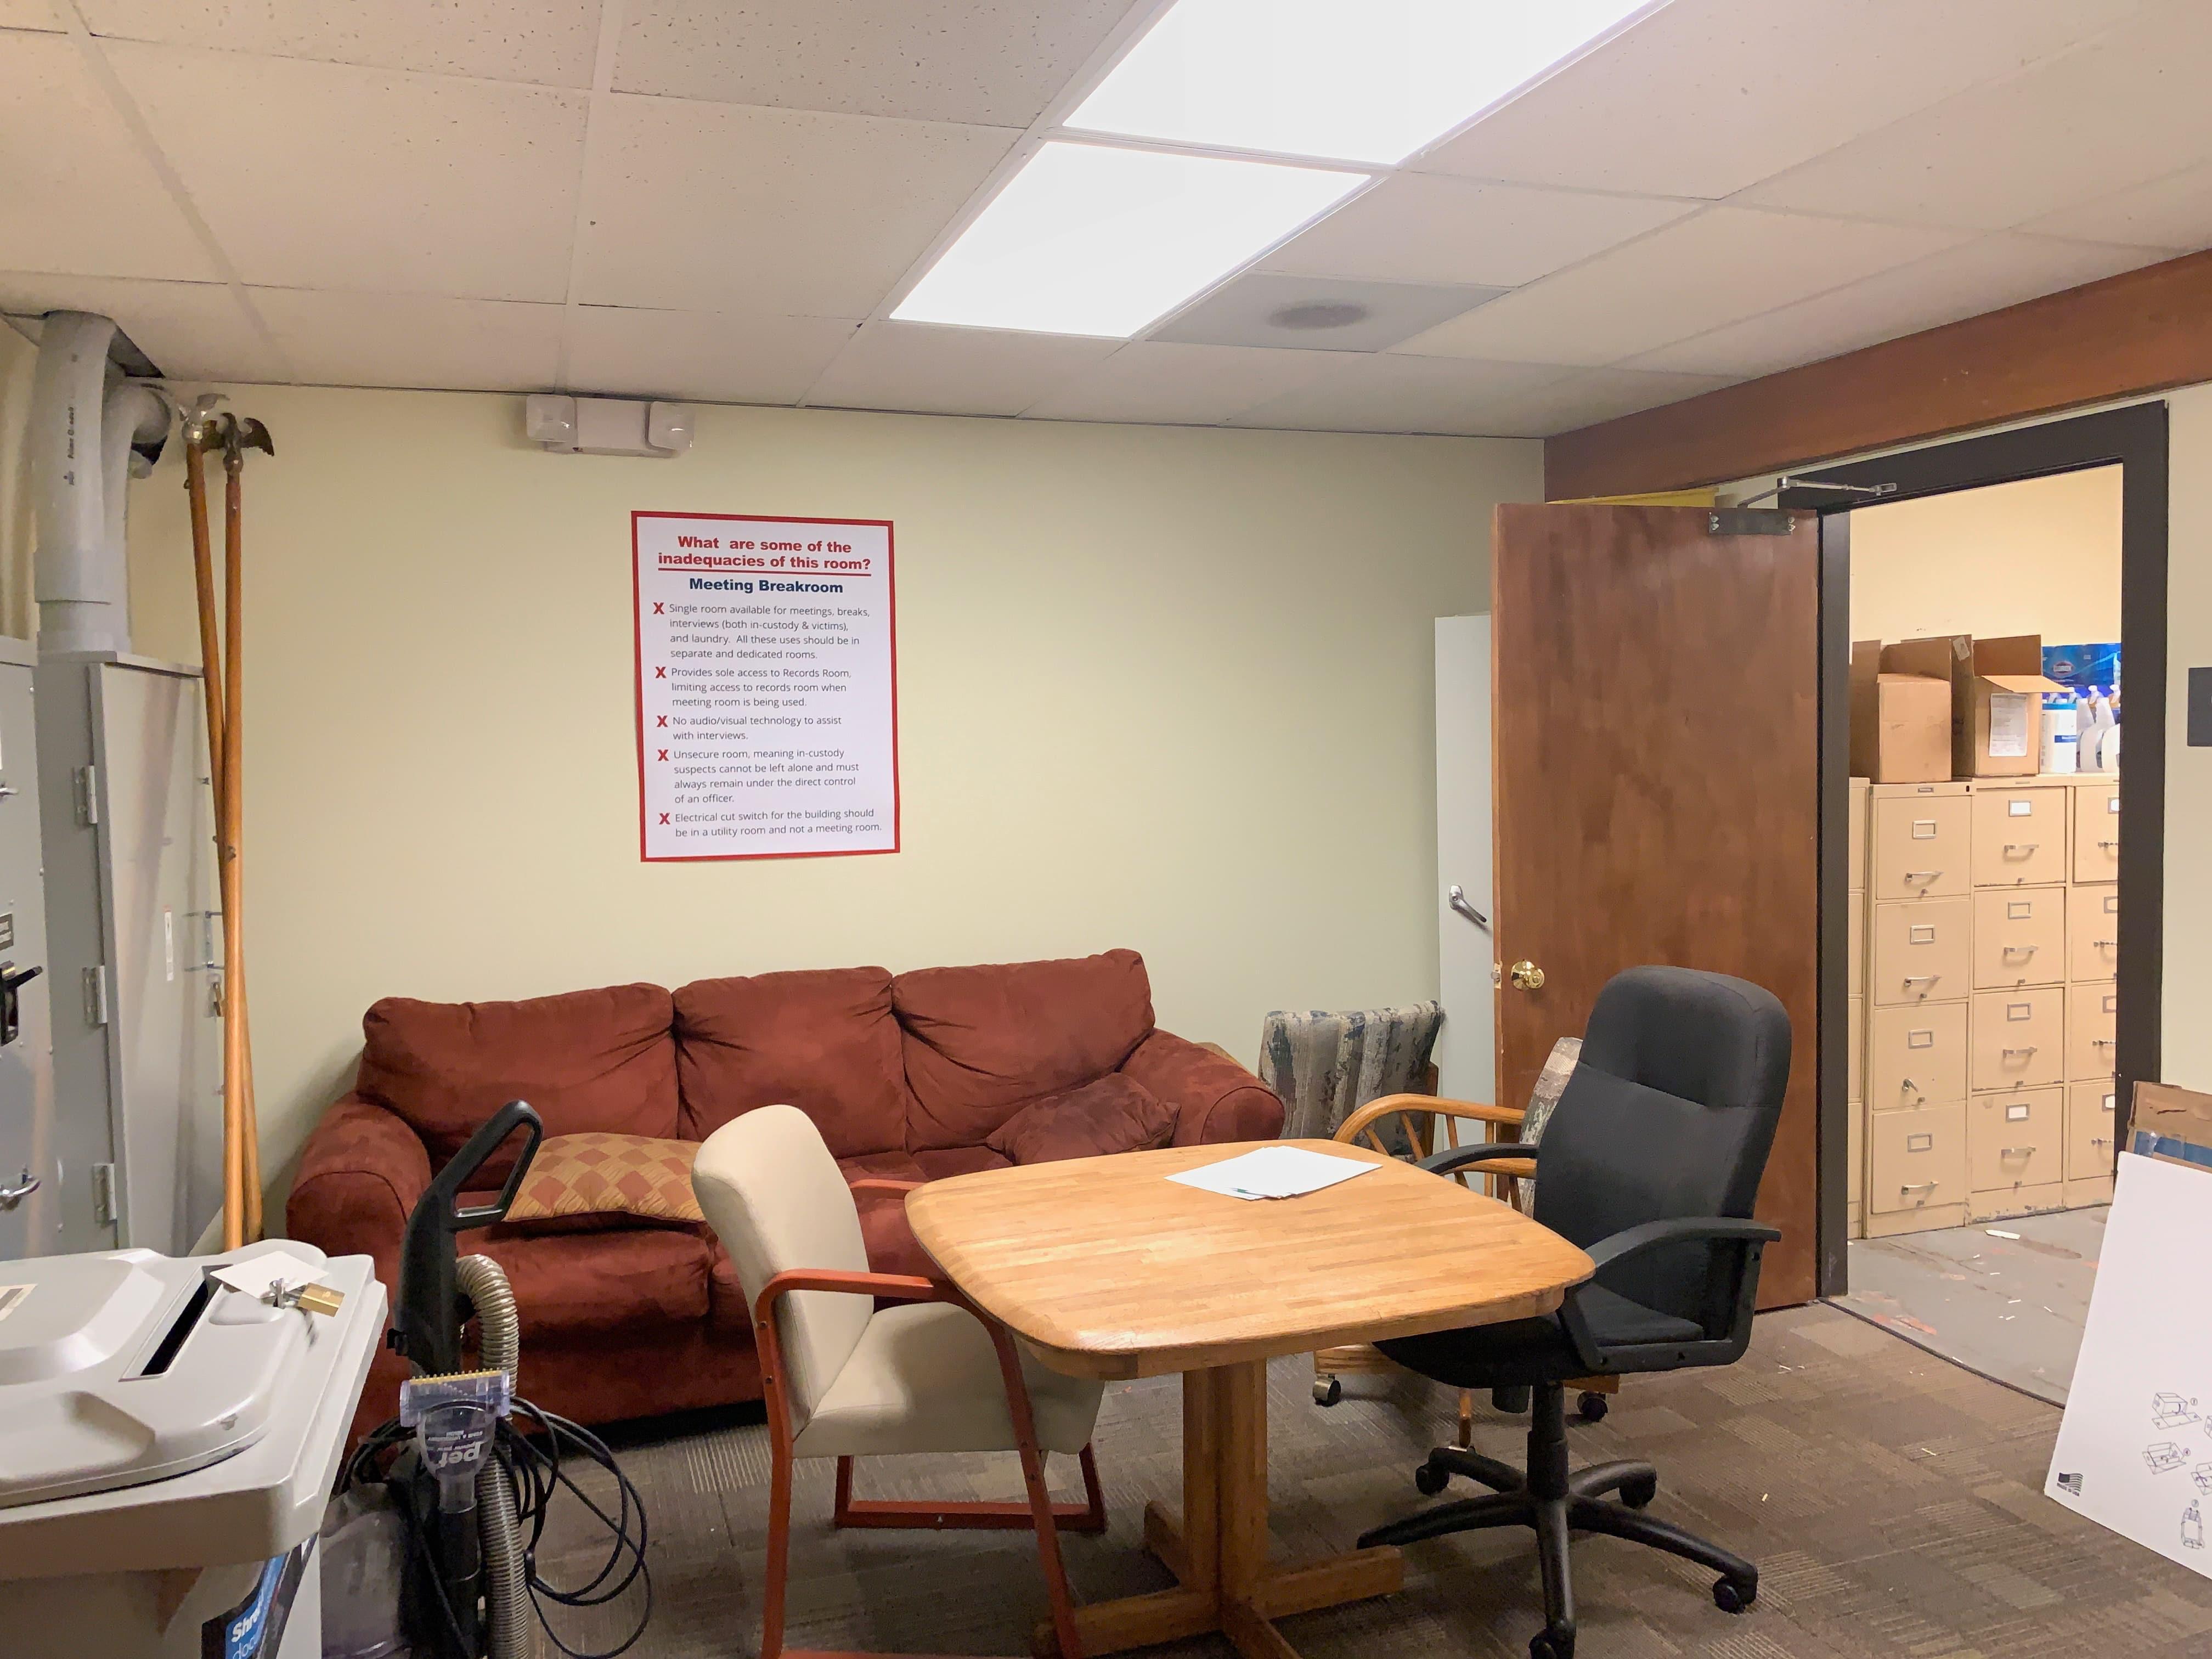 Meeting, Interview, Breakroom